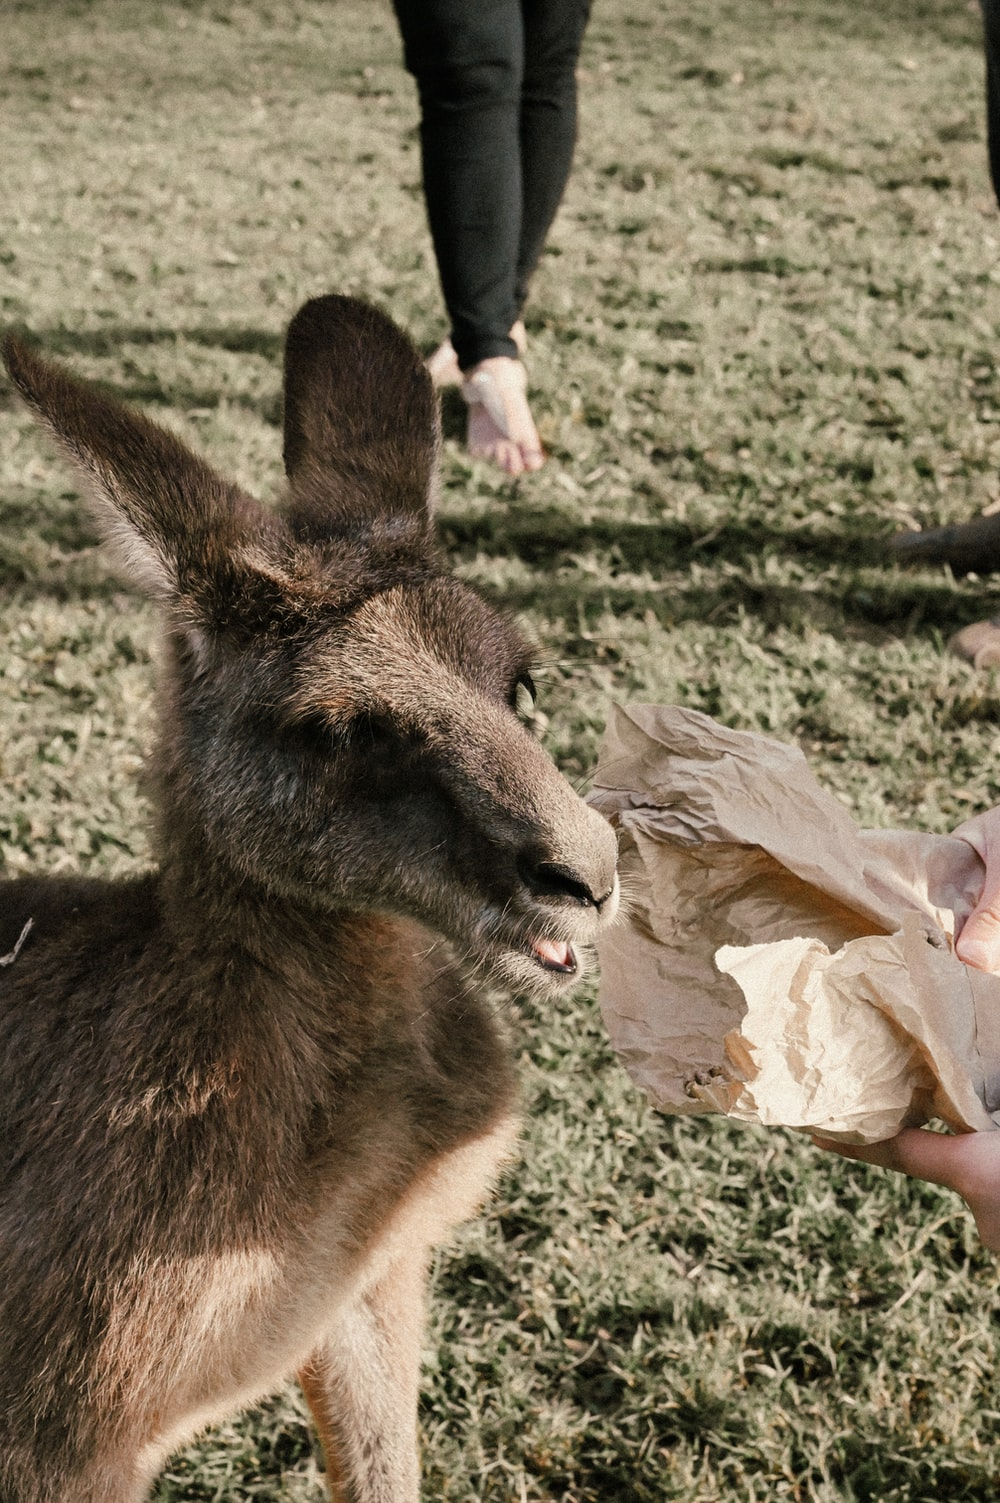 brown kangaroo on green grass during daytime